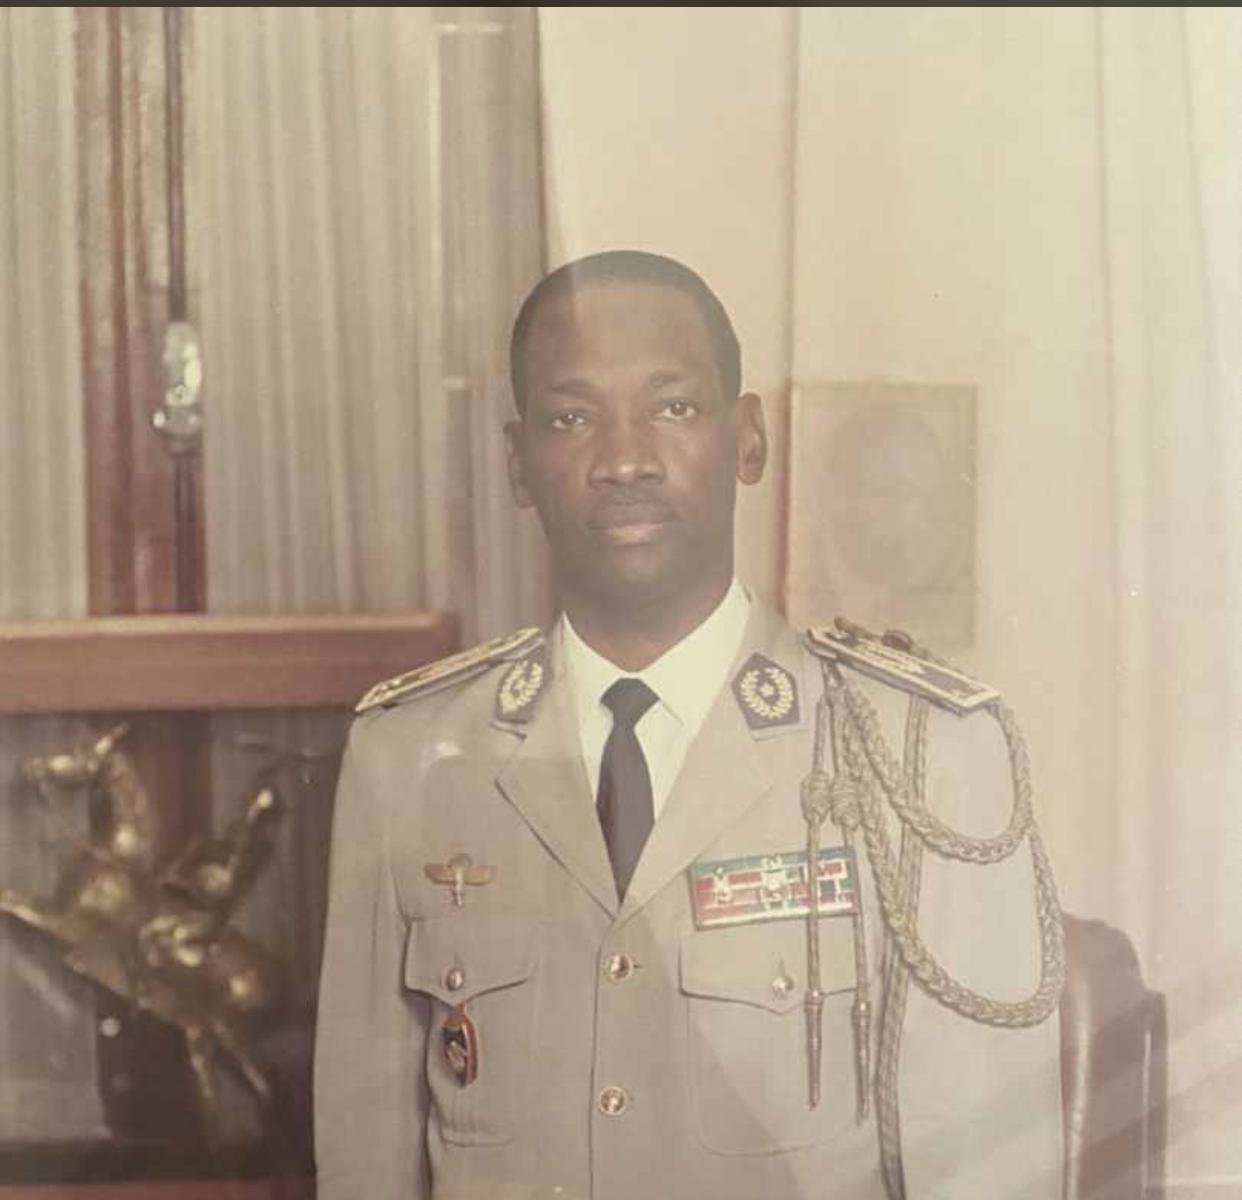 Hommage au Général : Mamadou Niang, le parcours d'un militaire à la vision particulière du militantisme politico-diplomatique.